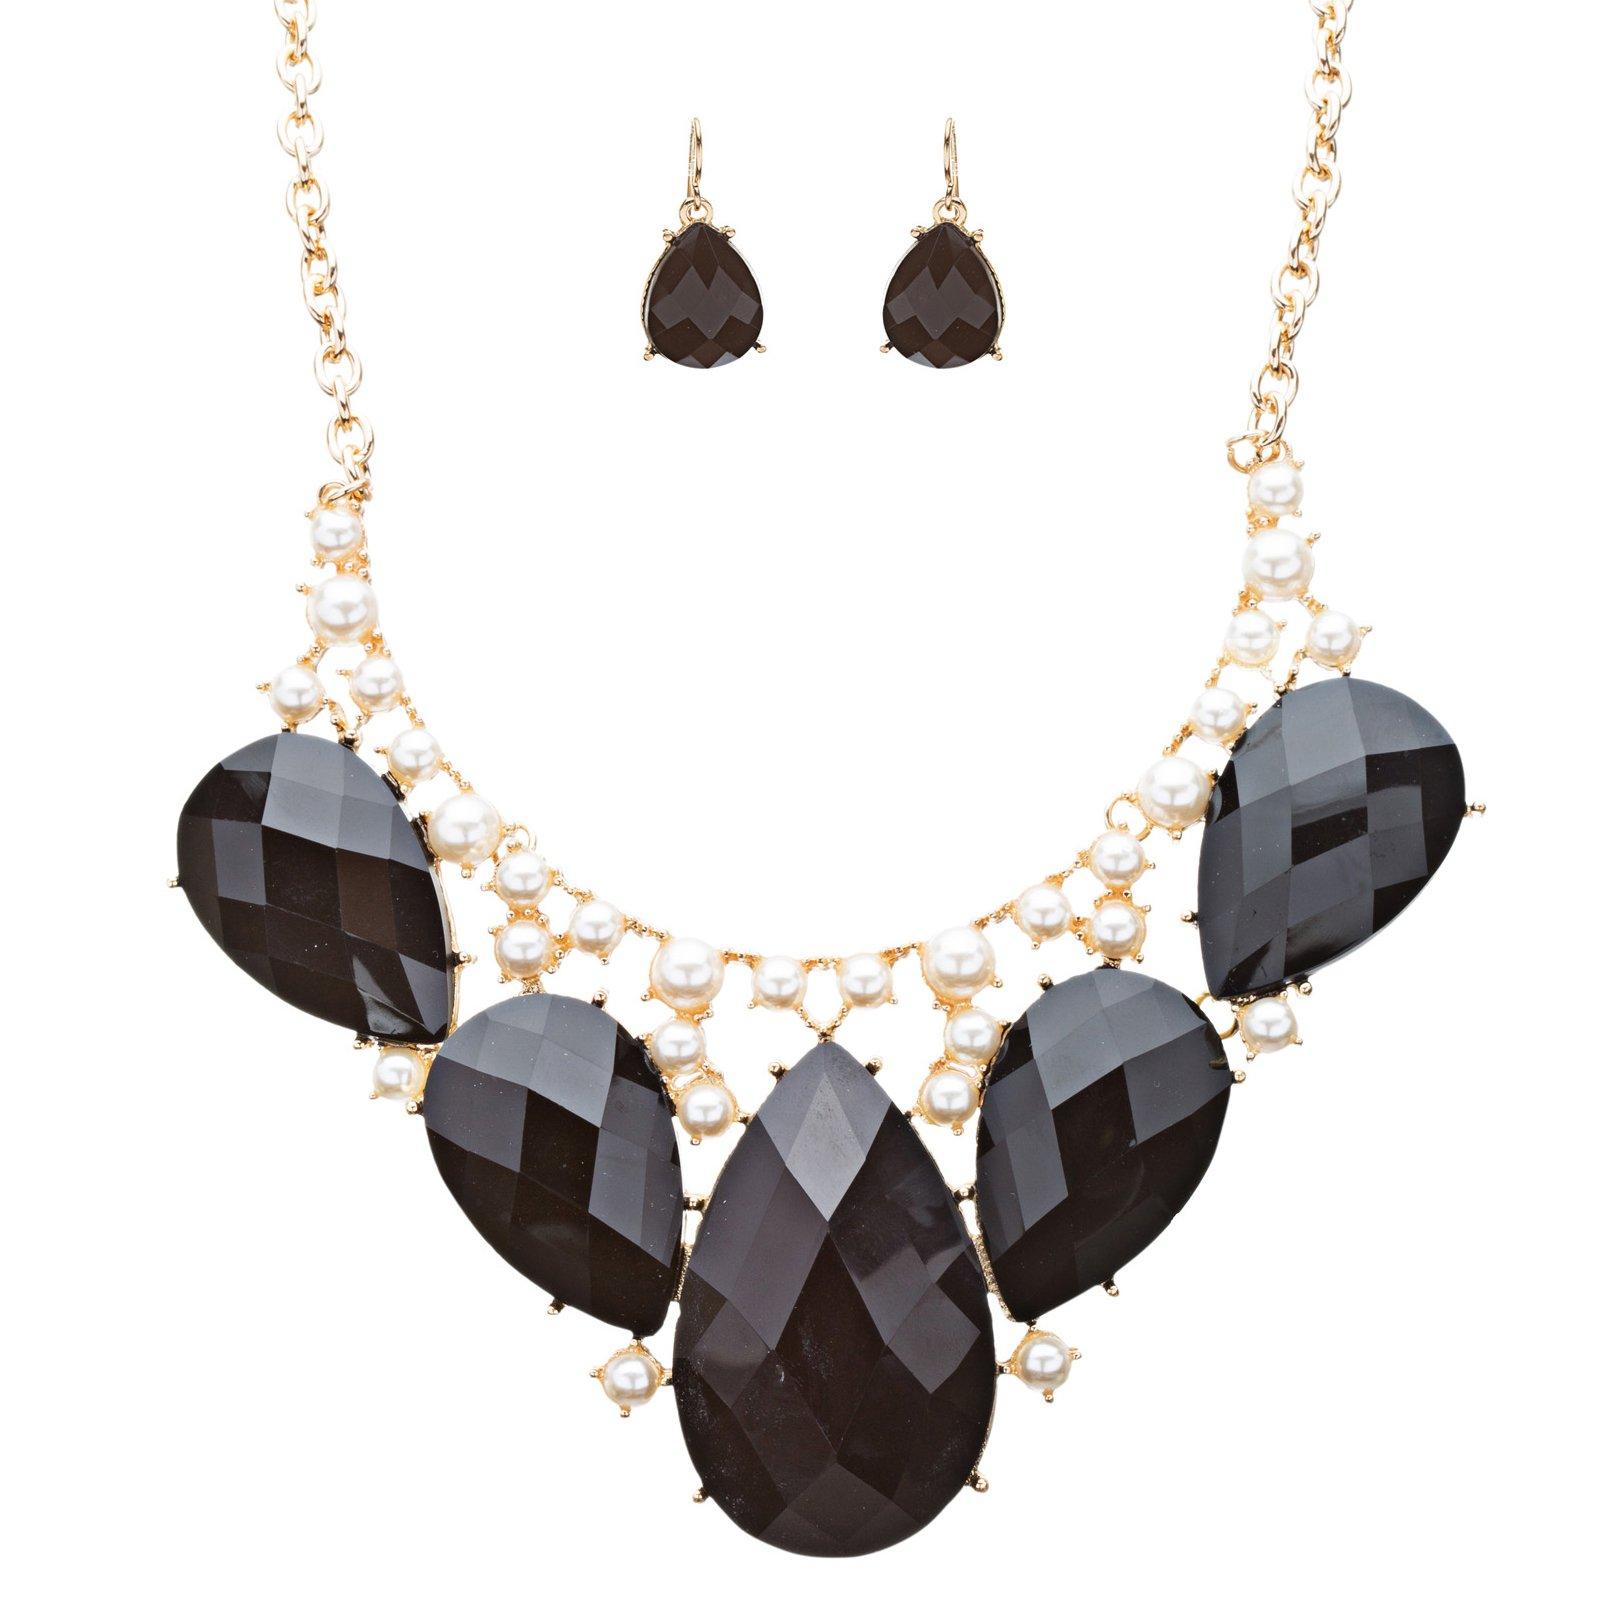 Accessoriesforever Modern Trendy Chic Bold Teardrop Design Statement Necklace Set JN174 Black